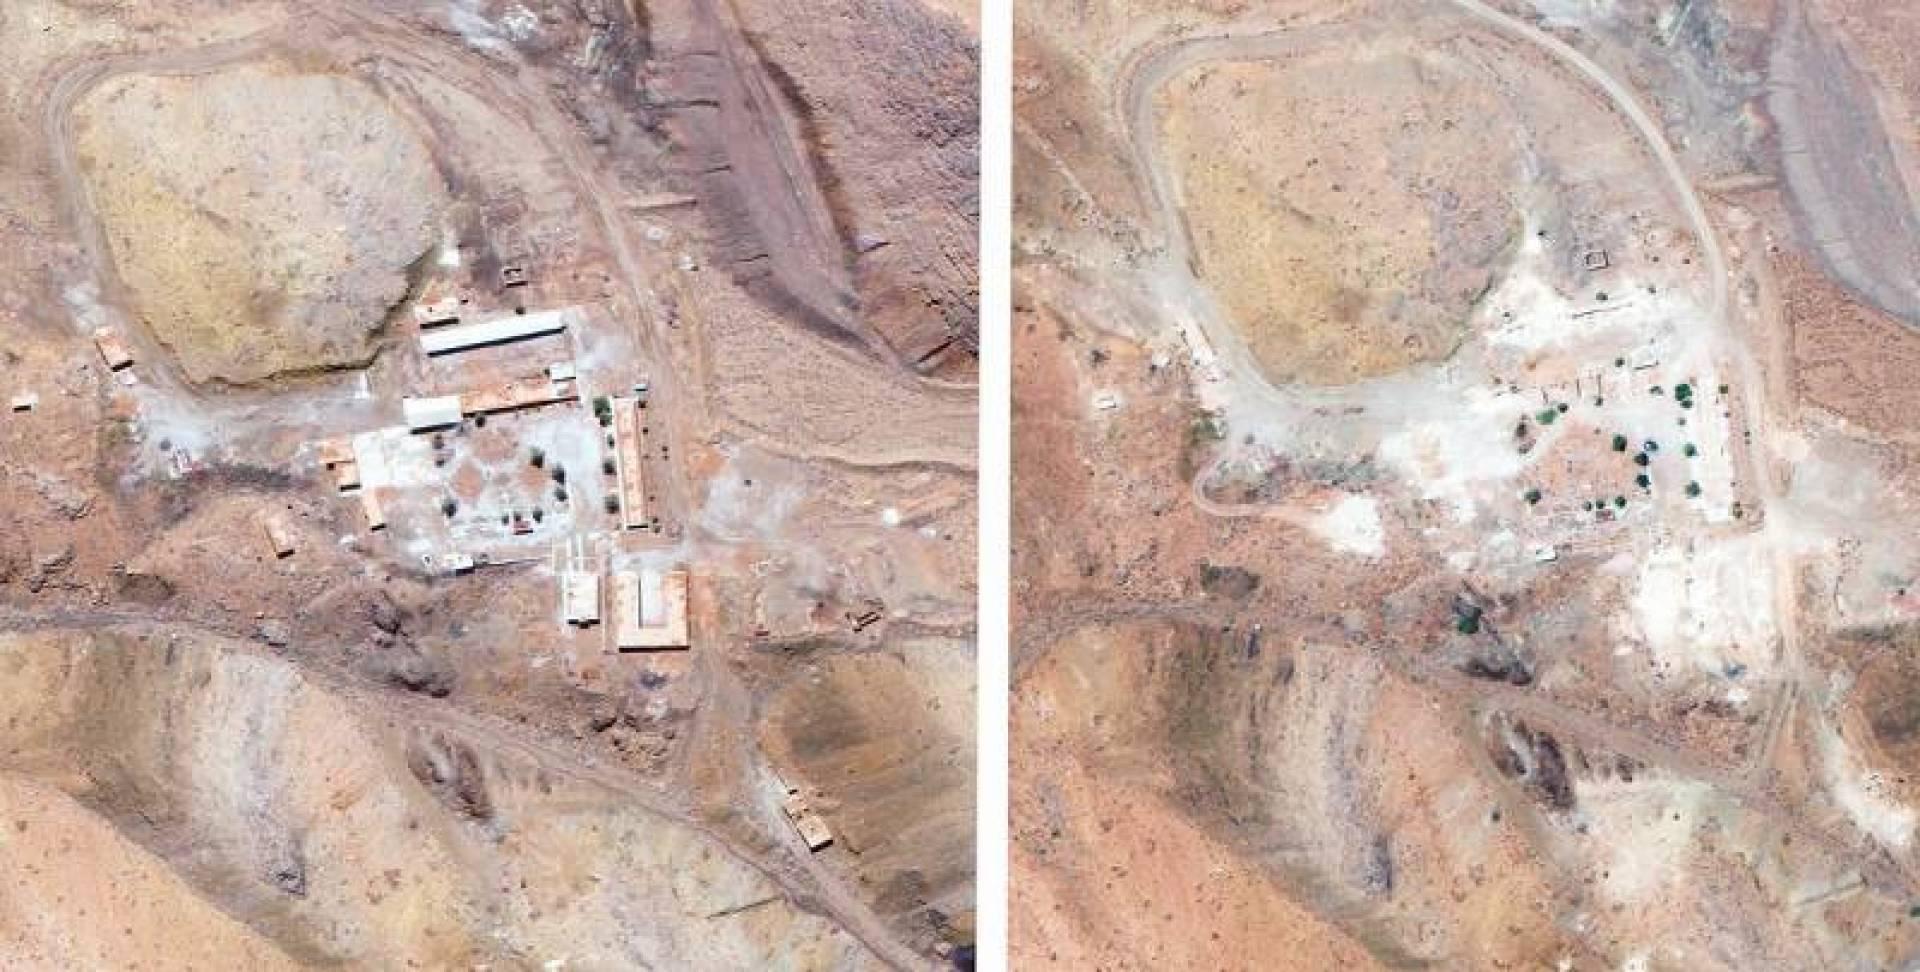 صورتان نشرتهما «مكسار تكنولوجي» تظهران الموقع النووي الايراني الذي تحدث عنه نتانياهو، الاولى التقطت في 27 مارس والثانية التقطت في 12 اغسطس وتظهره مدمرا  | ا ب